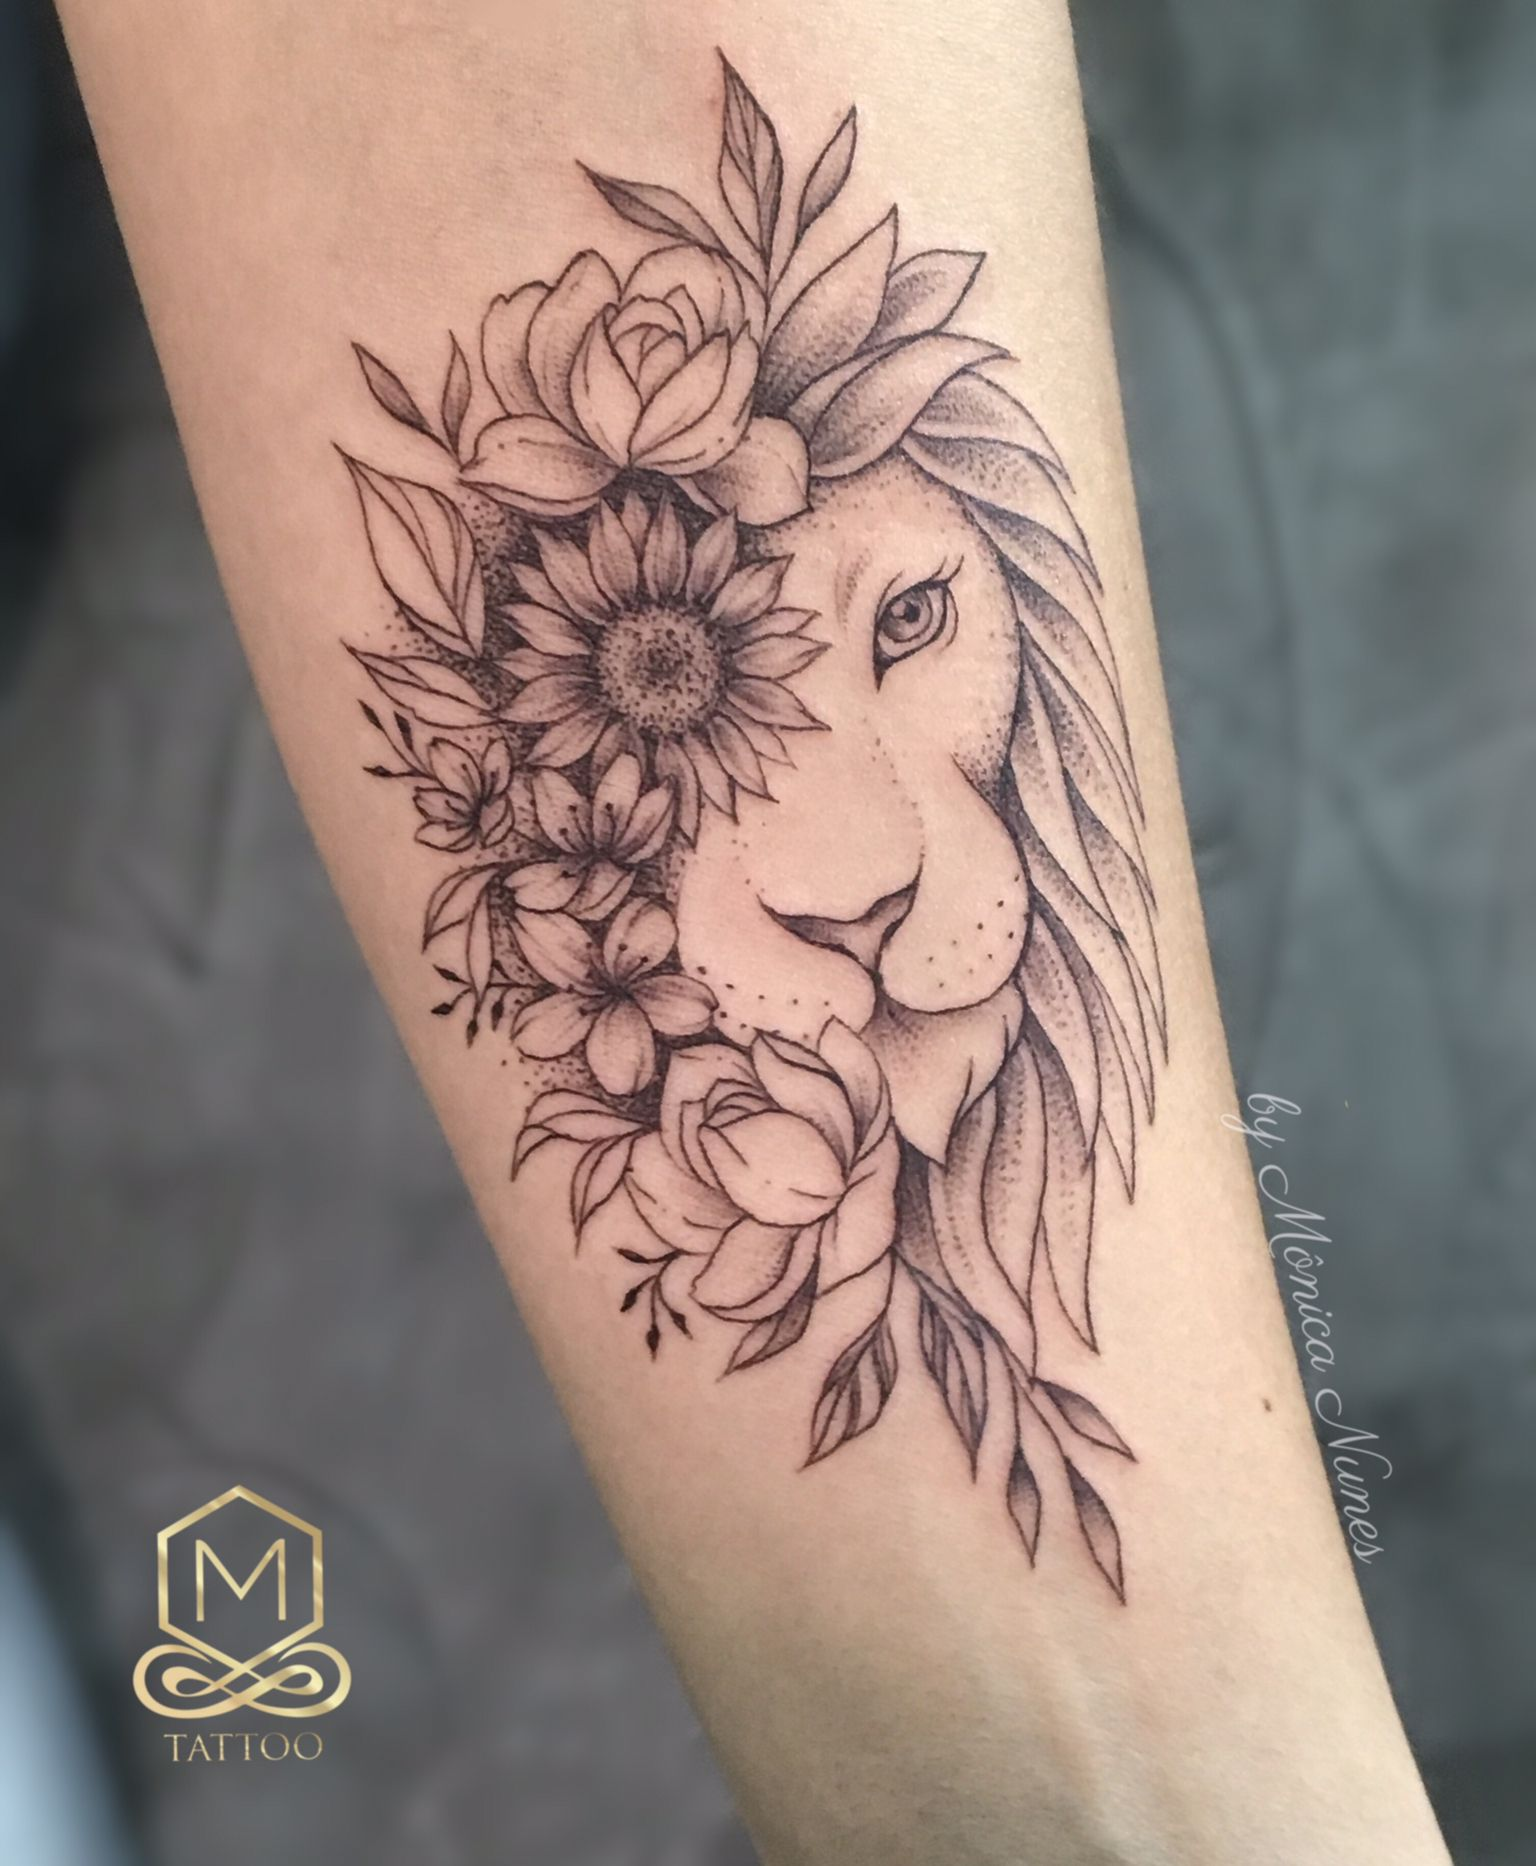 Studio m tattoo monica nunes tattoo leão lion tracos finos